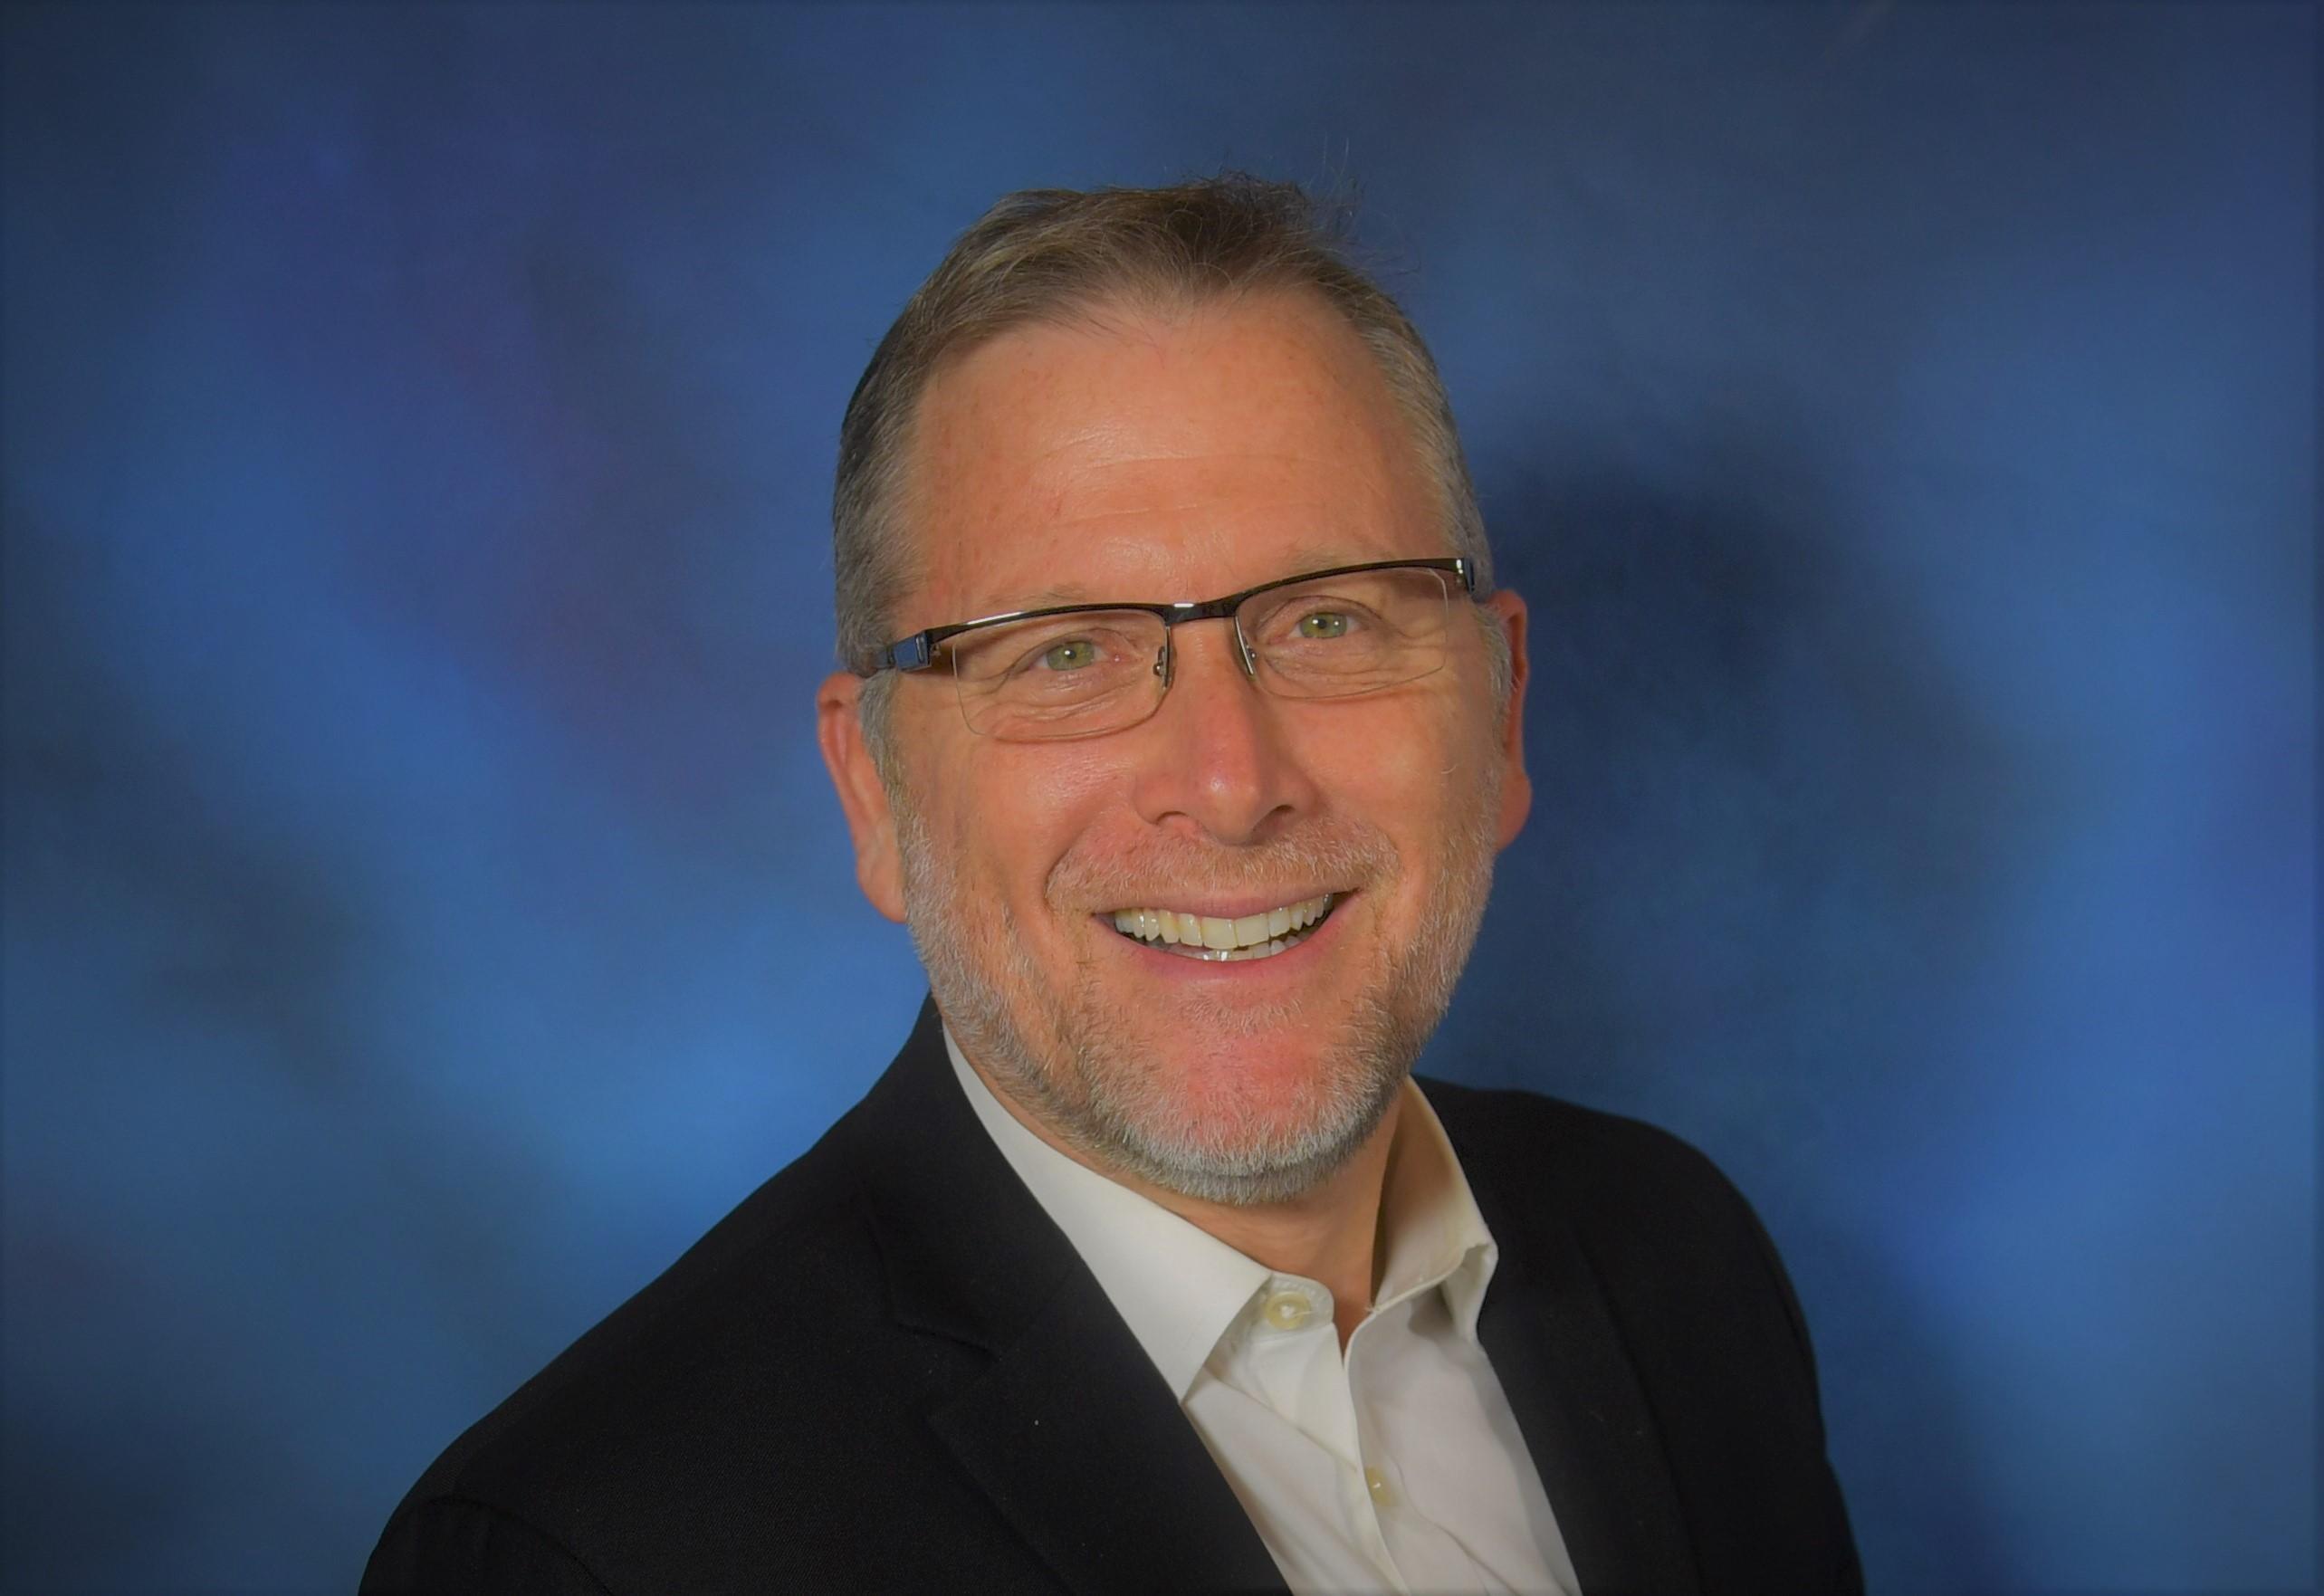 STEVEN MATTHEW MILLER  Your Financial Professional & Insurance Agent